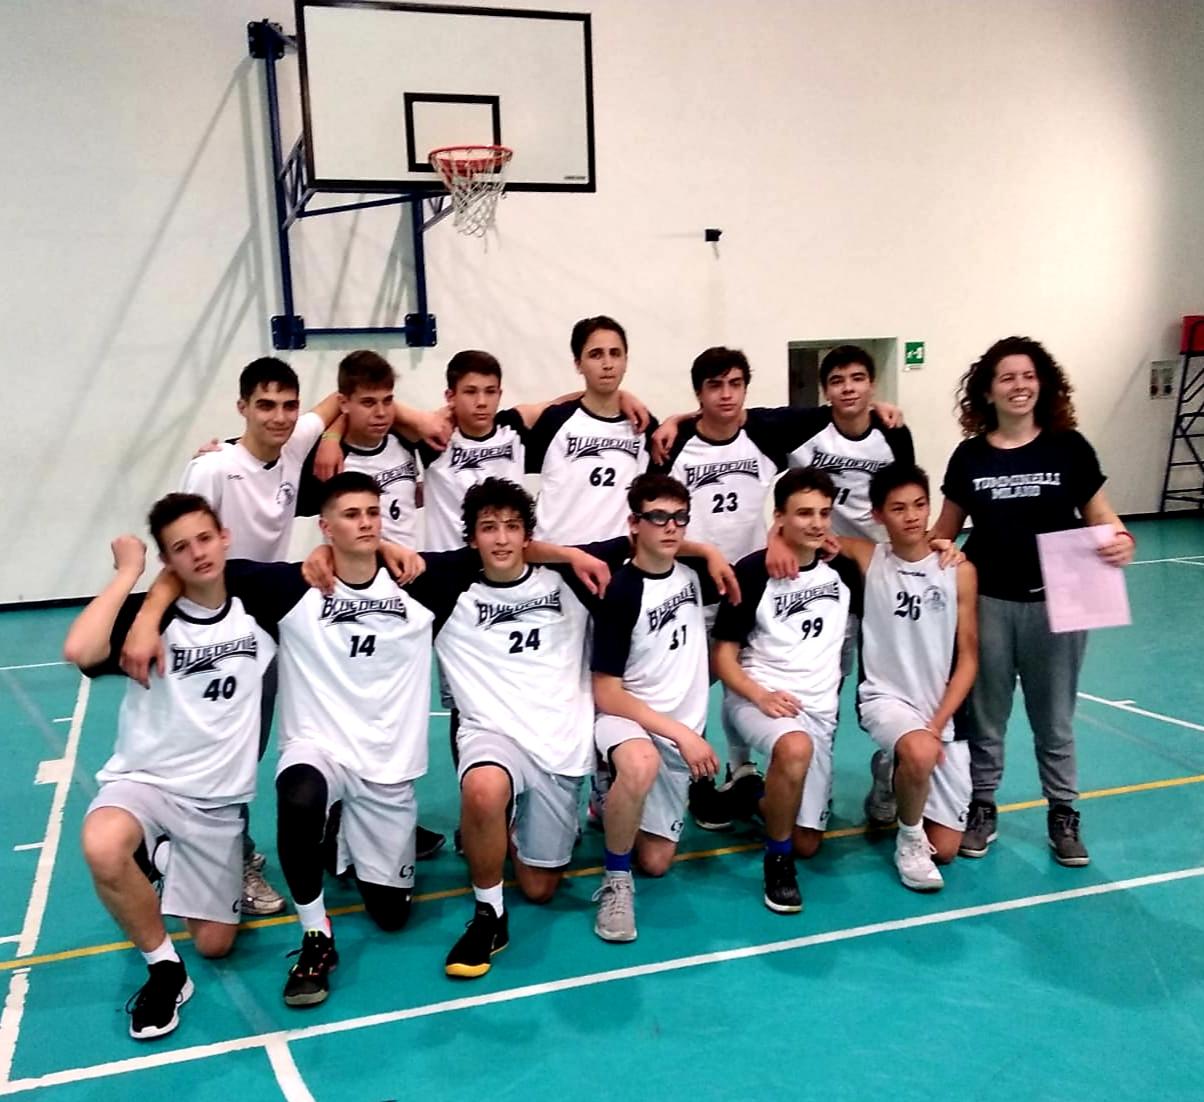 u16-bianca-eurocamp